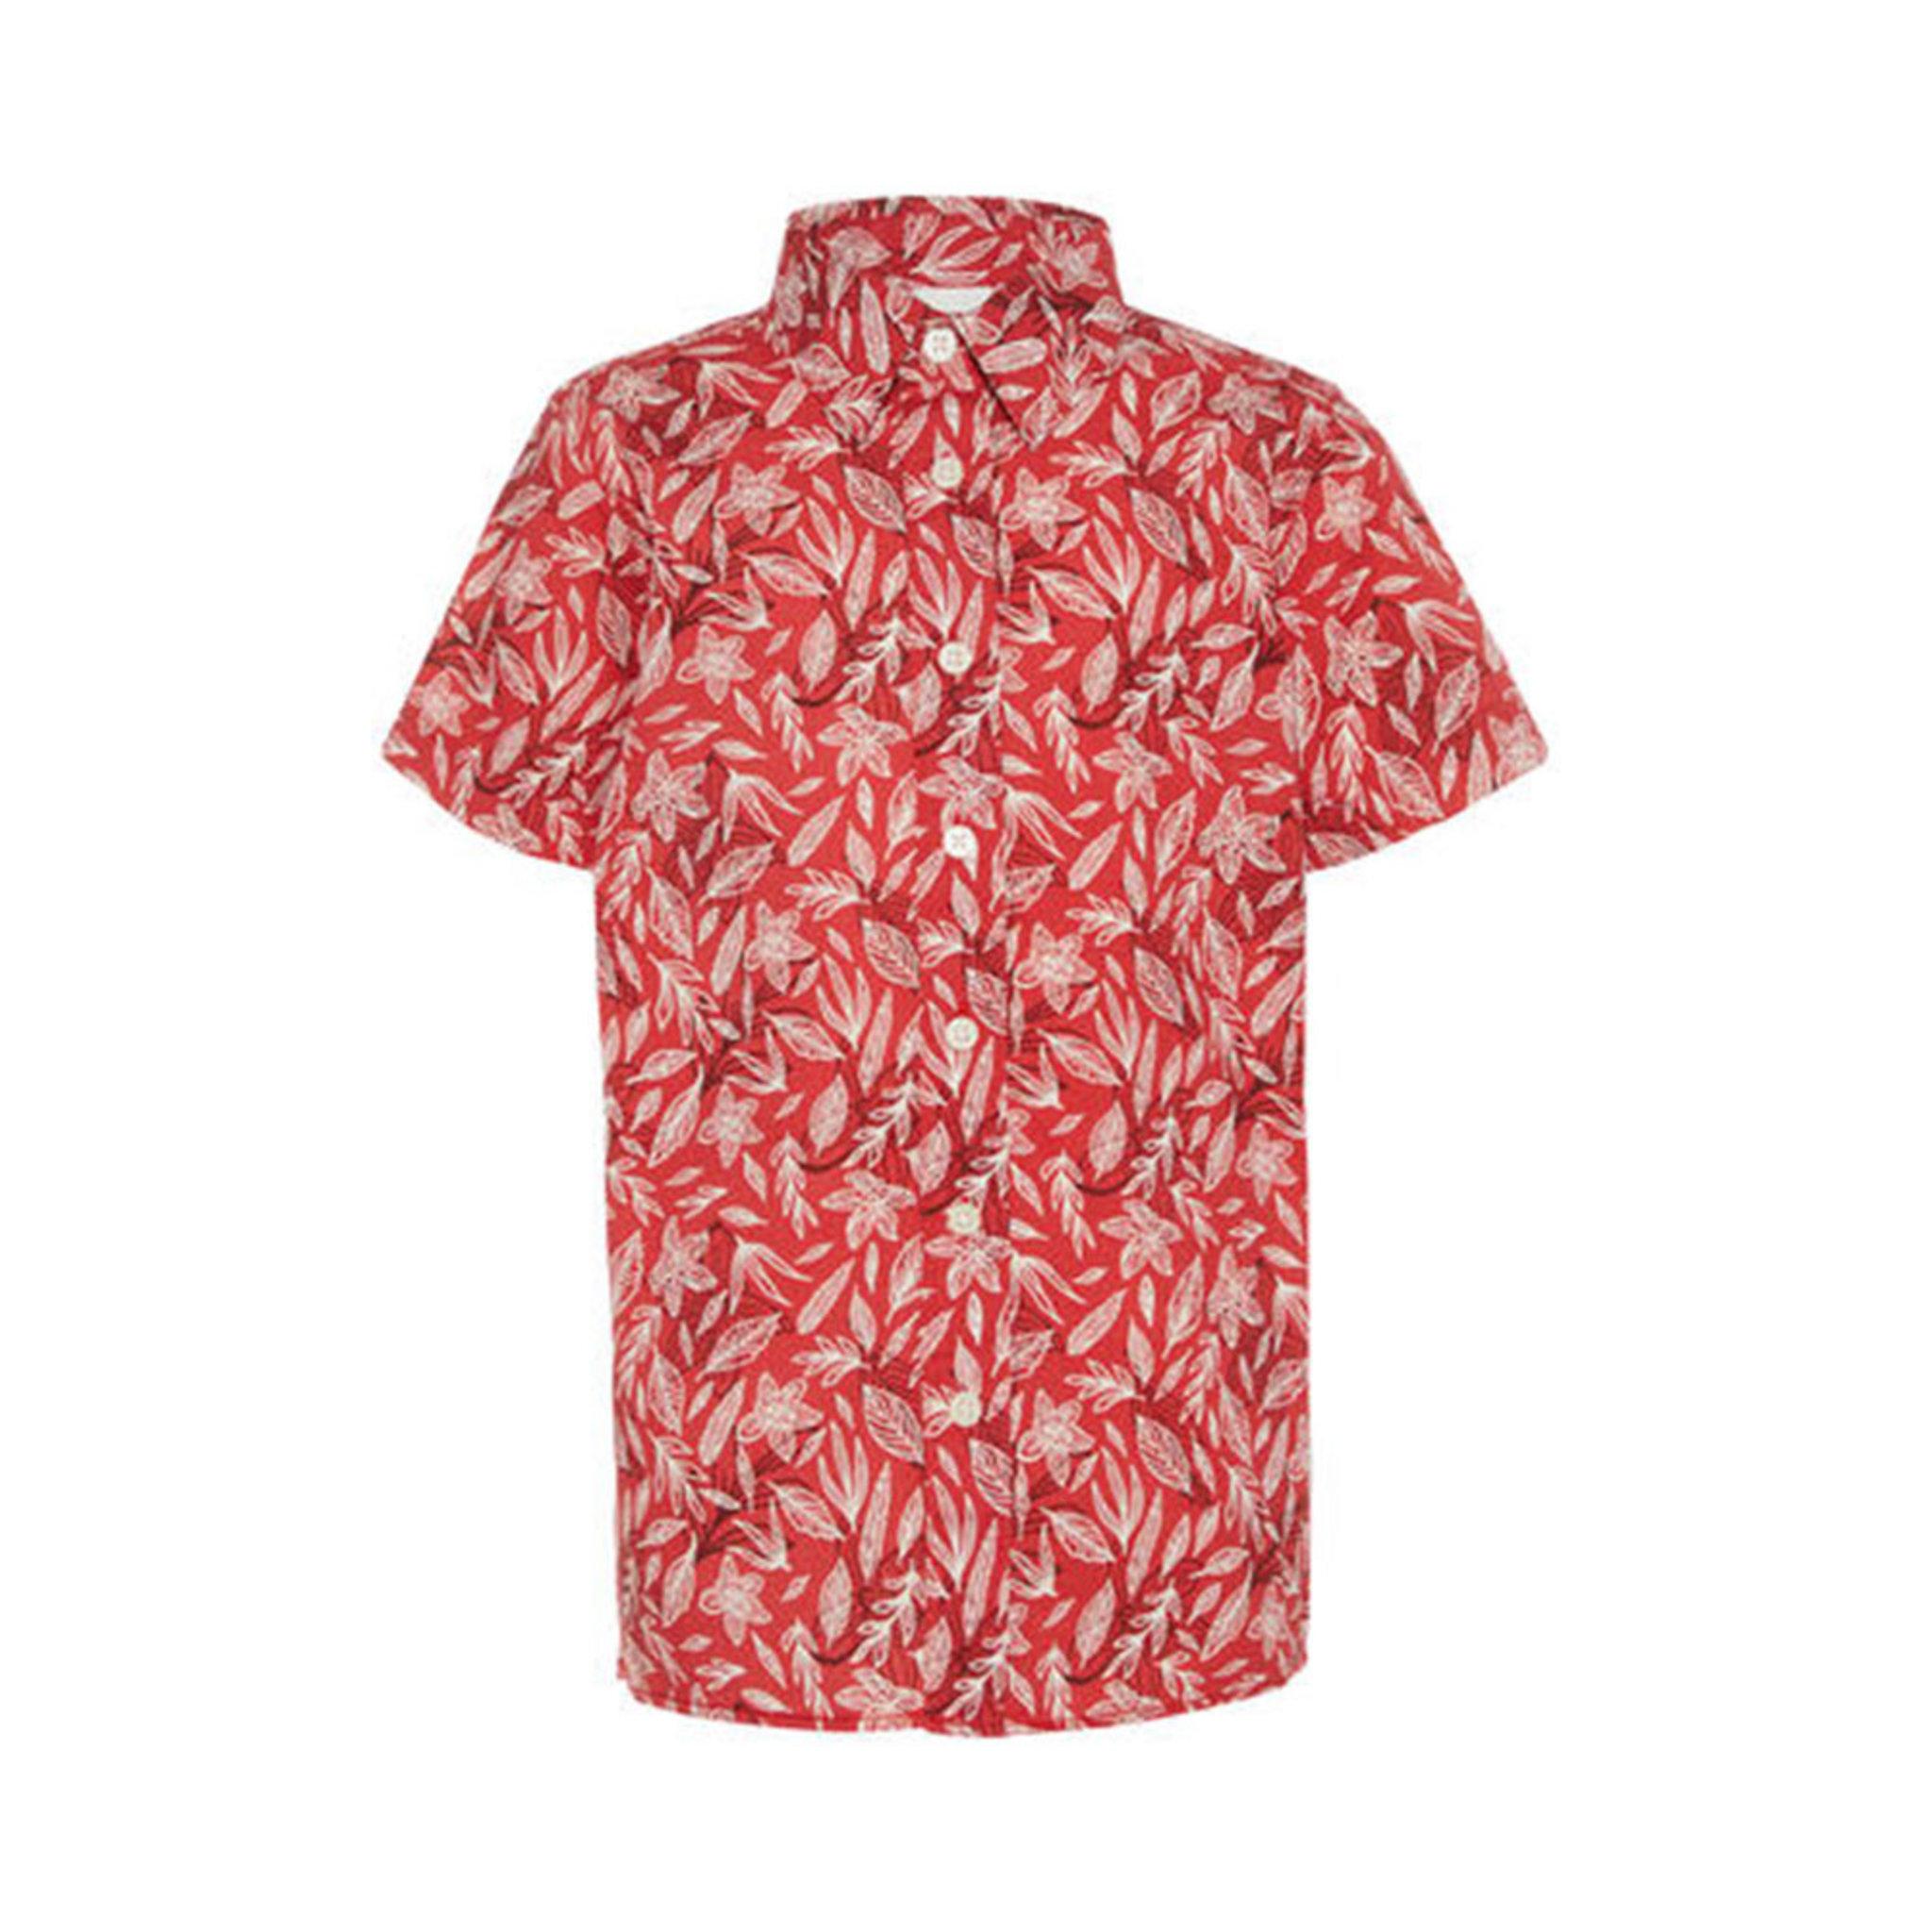 Skjorta Kortärmad - Skjortor   blusar - Köp online på åhlens.se! 9c2da23144970